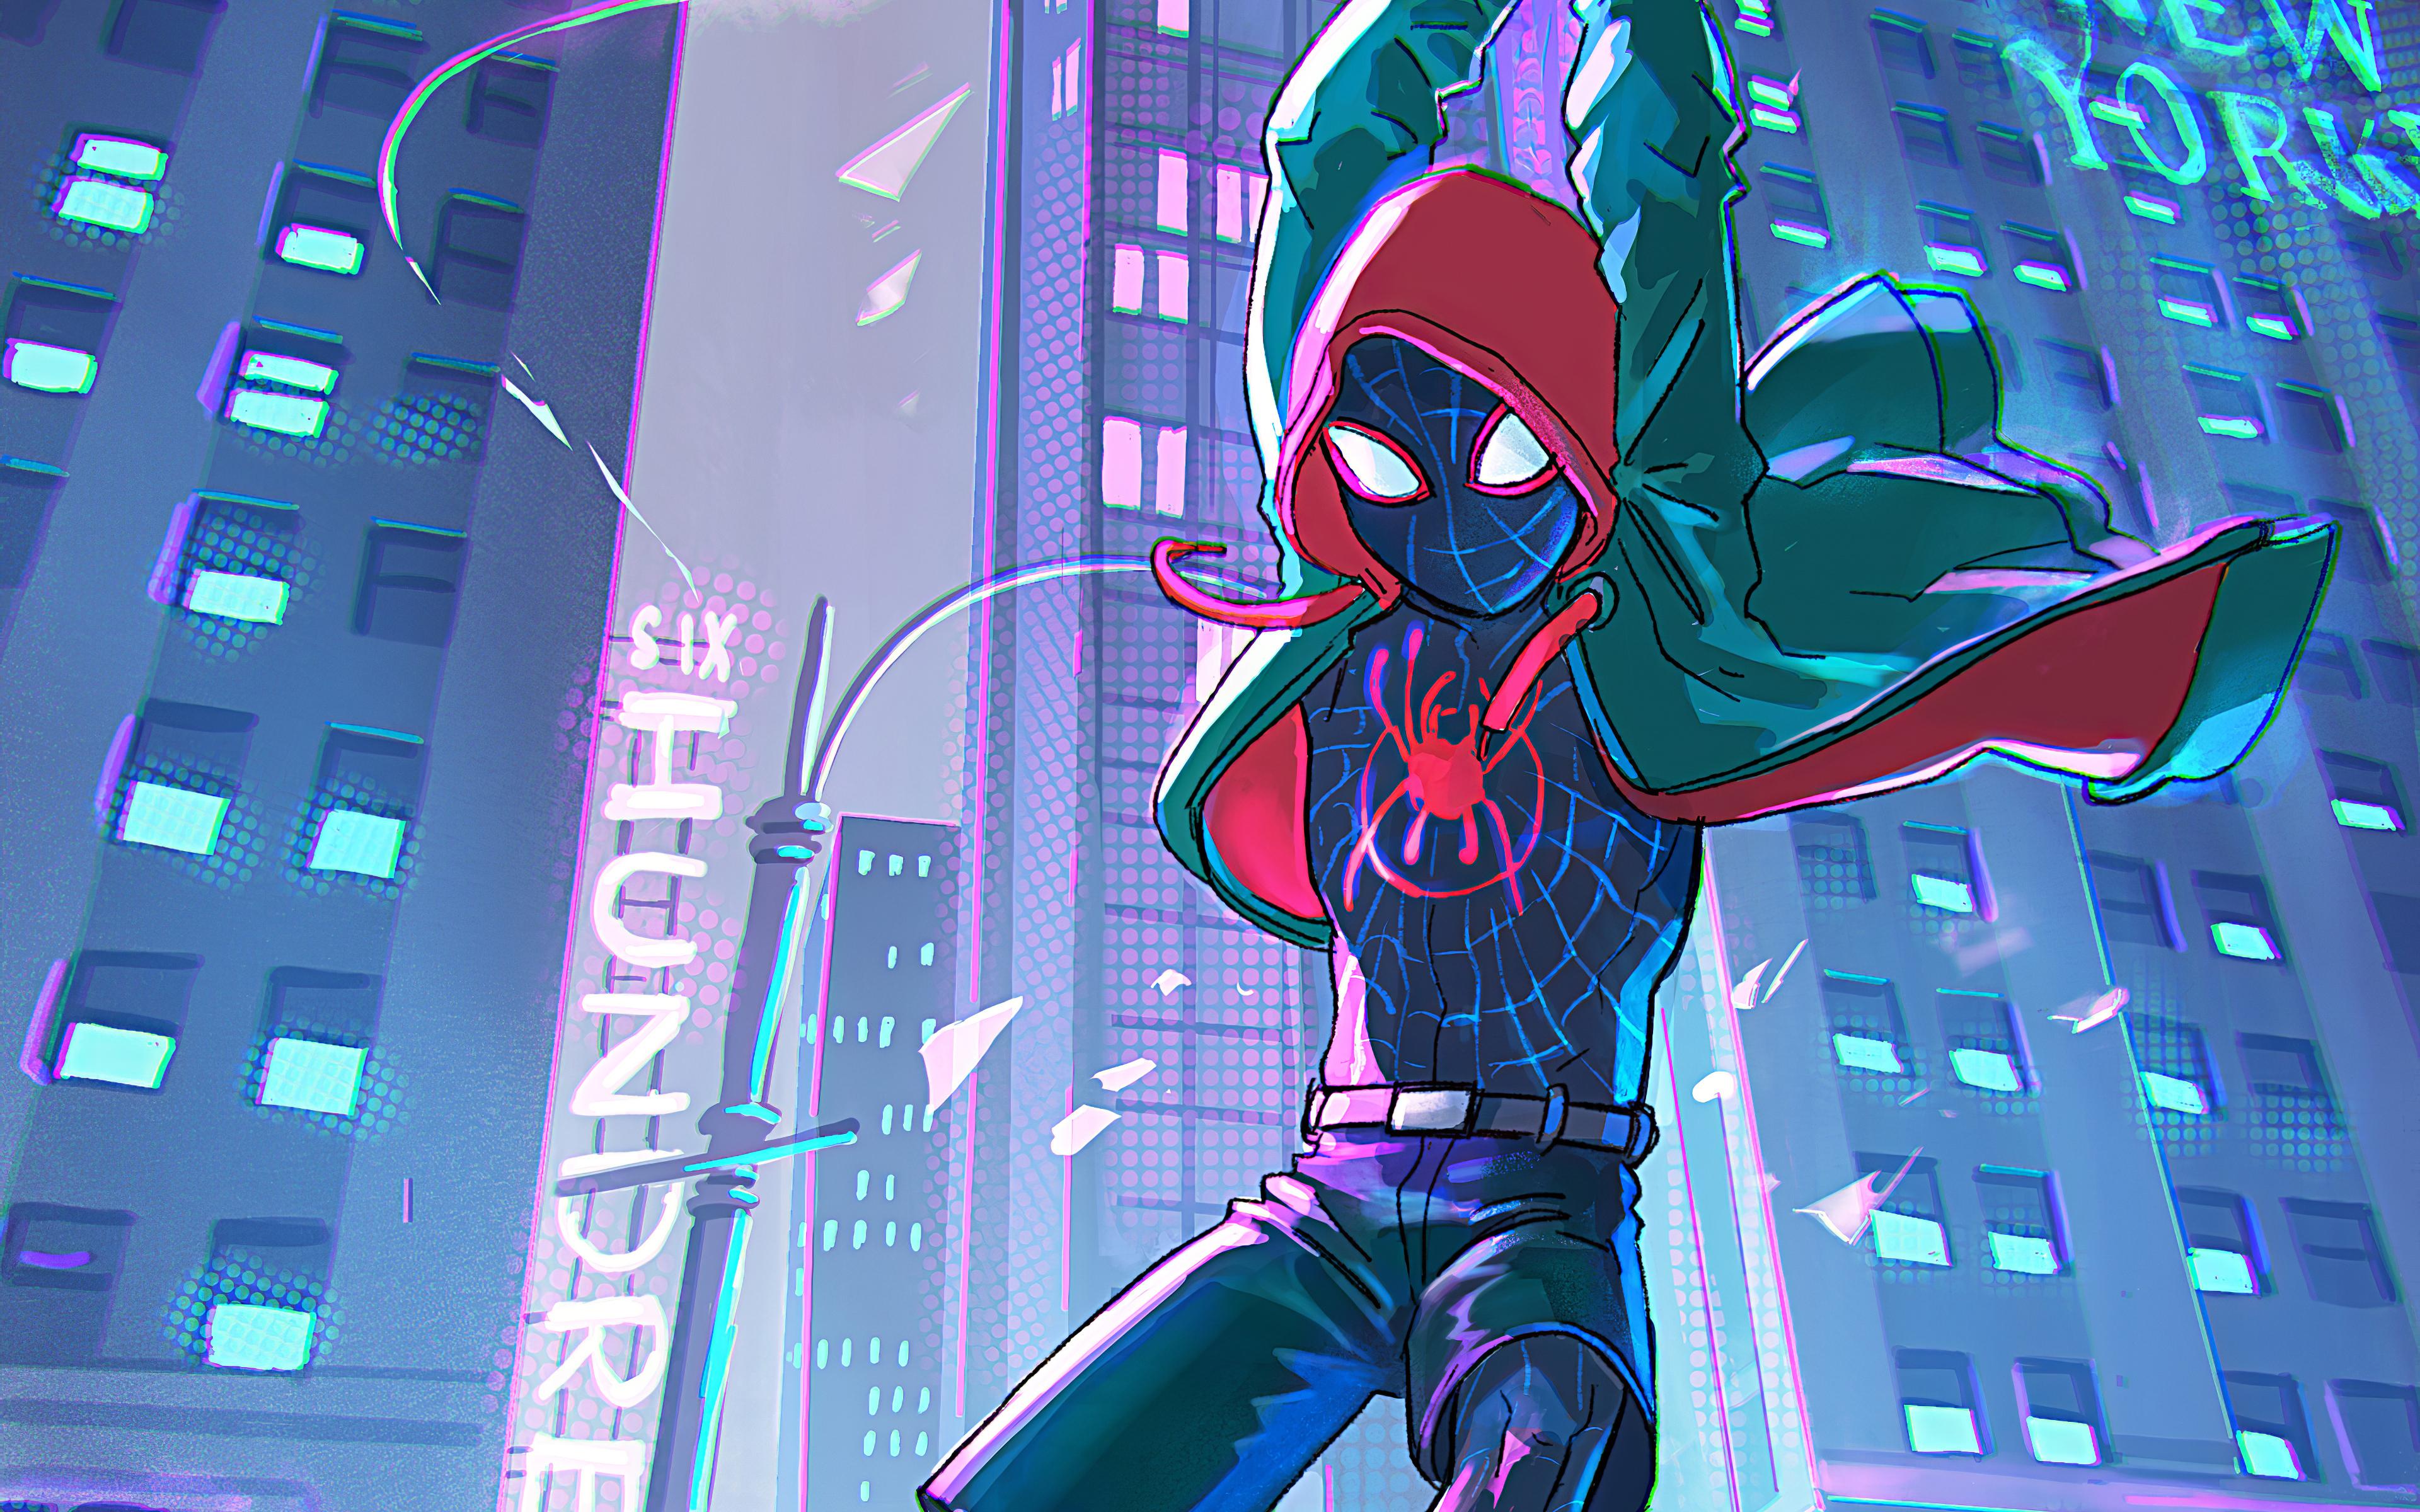 3840x2400 Spiderman Into The Spider Verse 4k 2019 4k Hd 4k